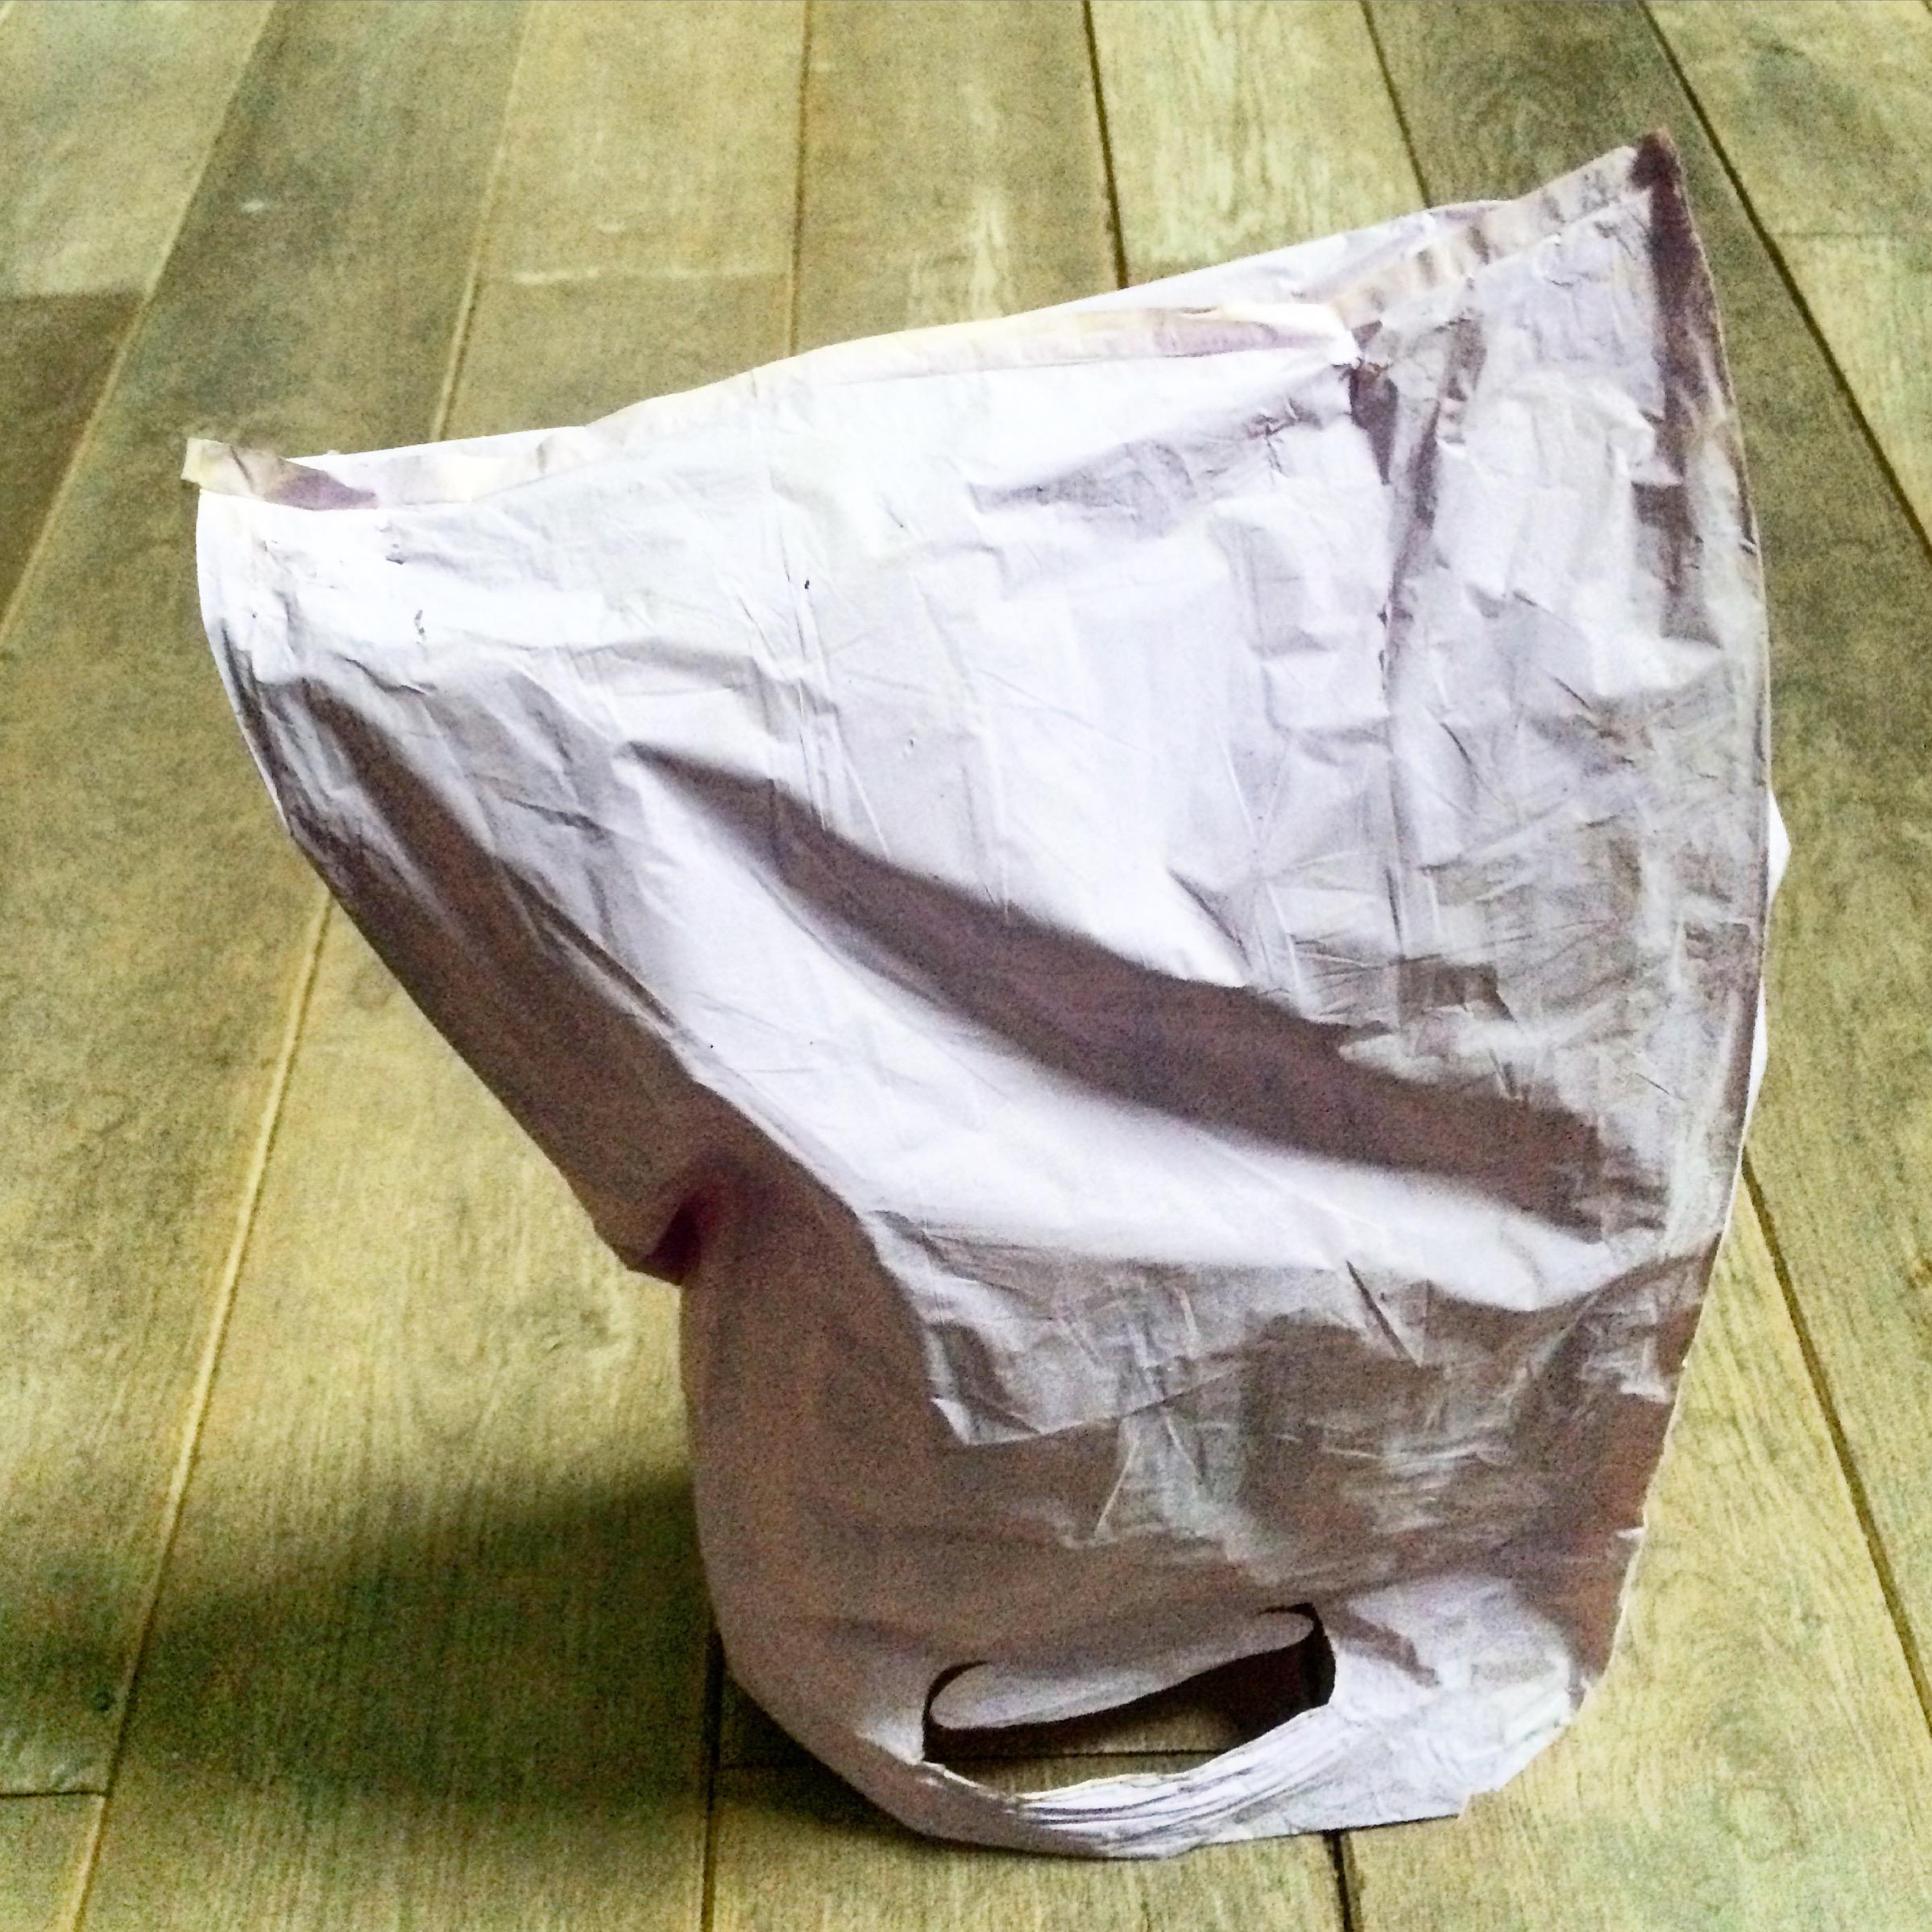 Bolsa , 2016, acrylics on plastic bag.